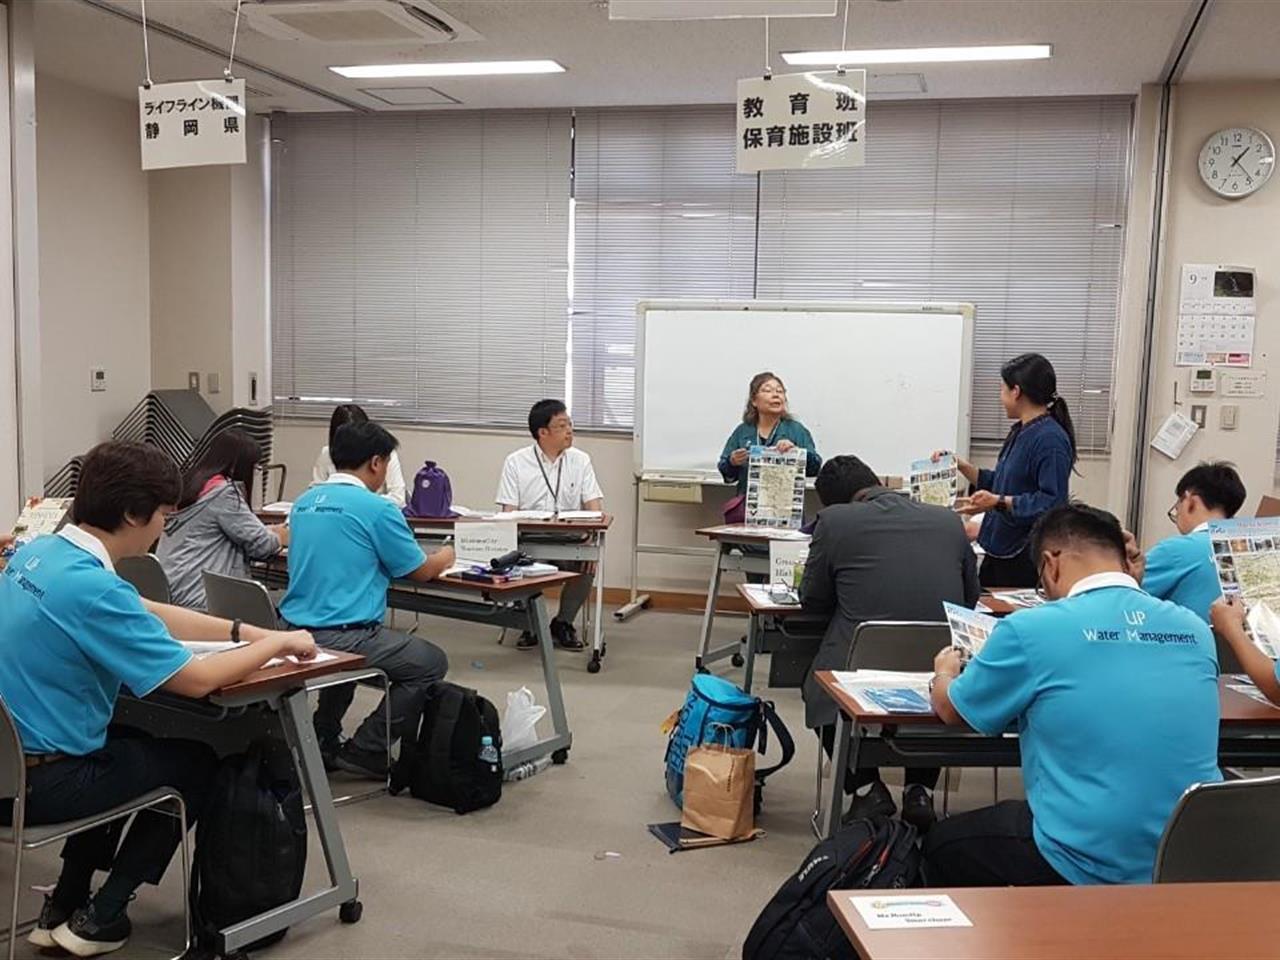 อาจารย์สาขาวิชา GIS คณะ ICT ม.พะเยา เข้าร่วมโครงการศึกษาดูงานเกี่ยวกับการบริหารจัดการน้ำ ณ เมืองโตเกียว ประเทศญี่ปุ่น